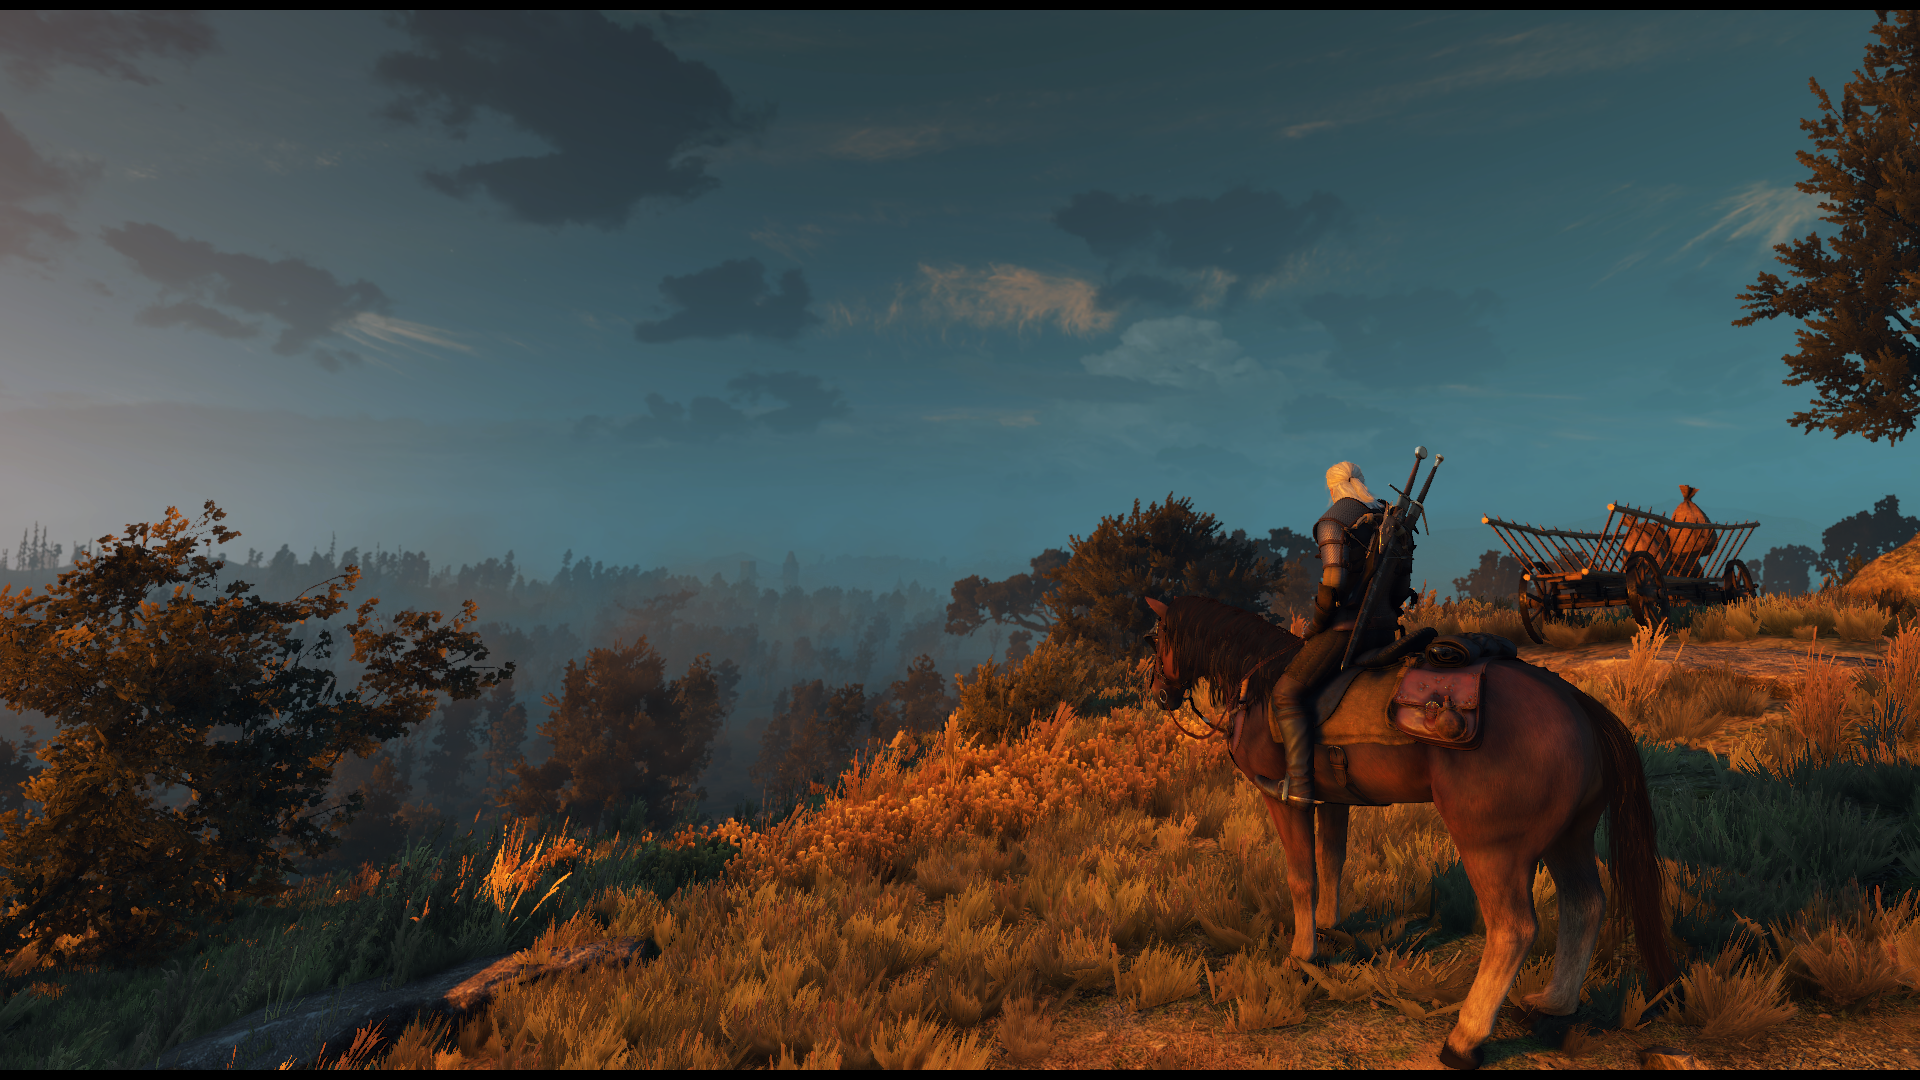 Мод на освещение (Mishikedman) - Witcher 3: Wild Hunt, the